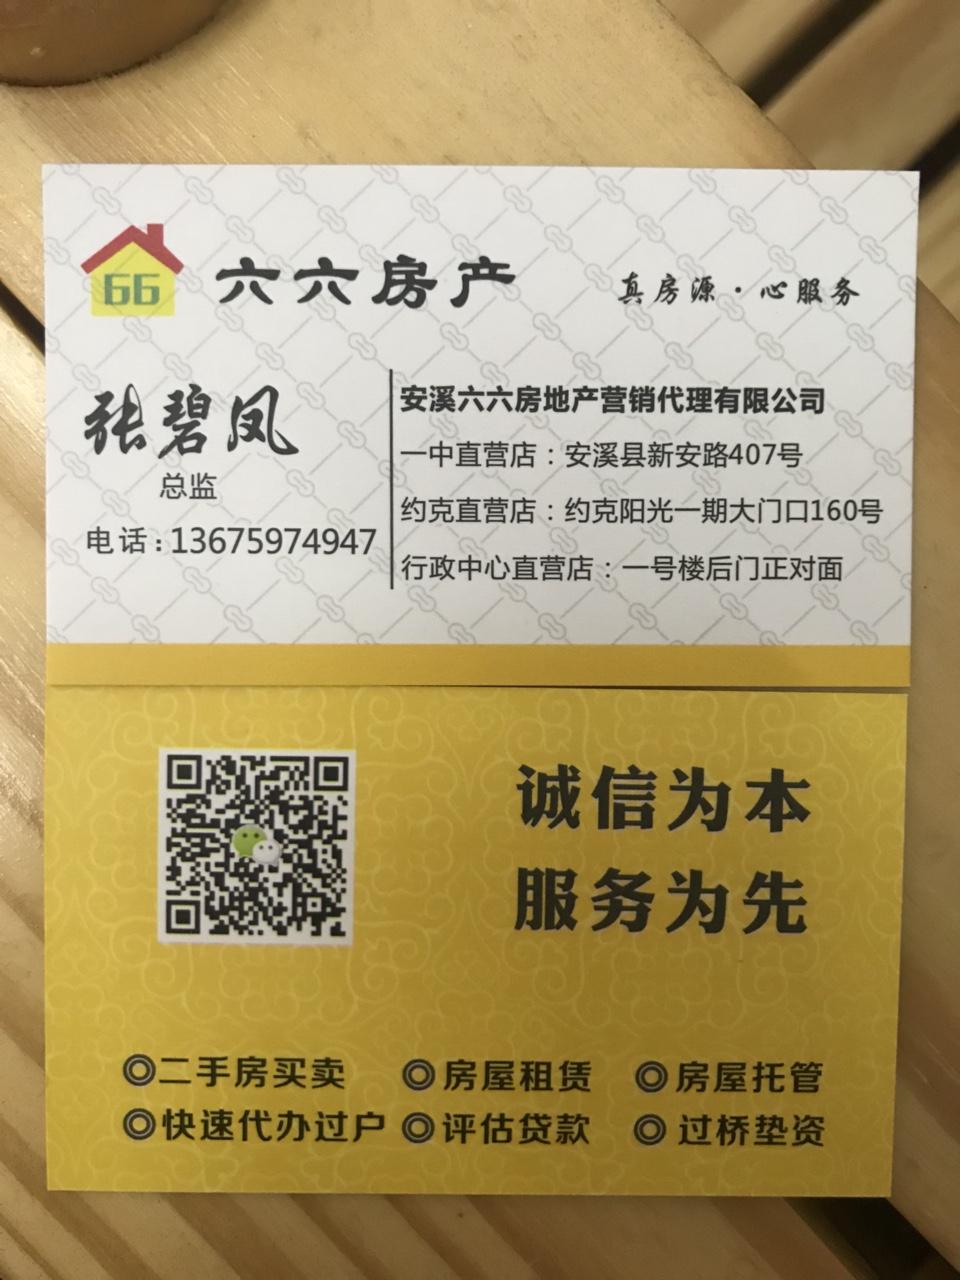 中行宿舍��3室 2�d 2�l105�f元